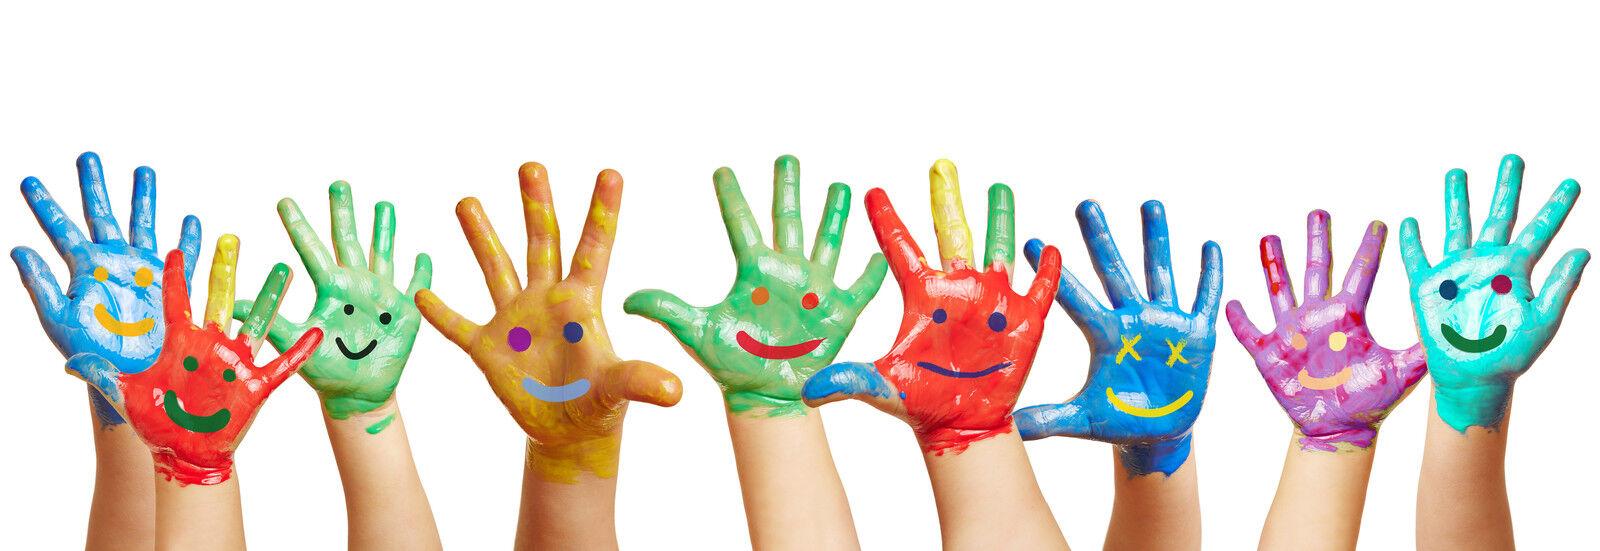 4-ur-hands